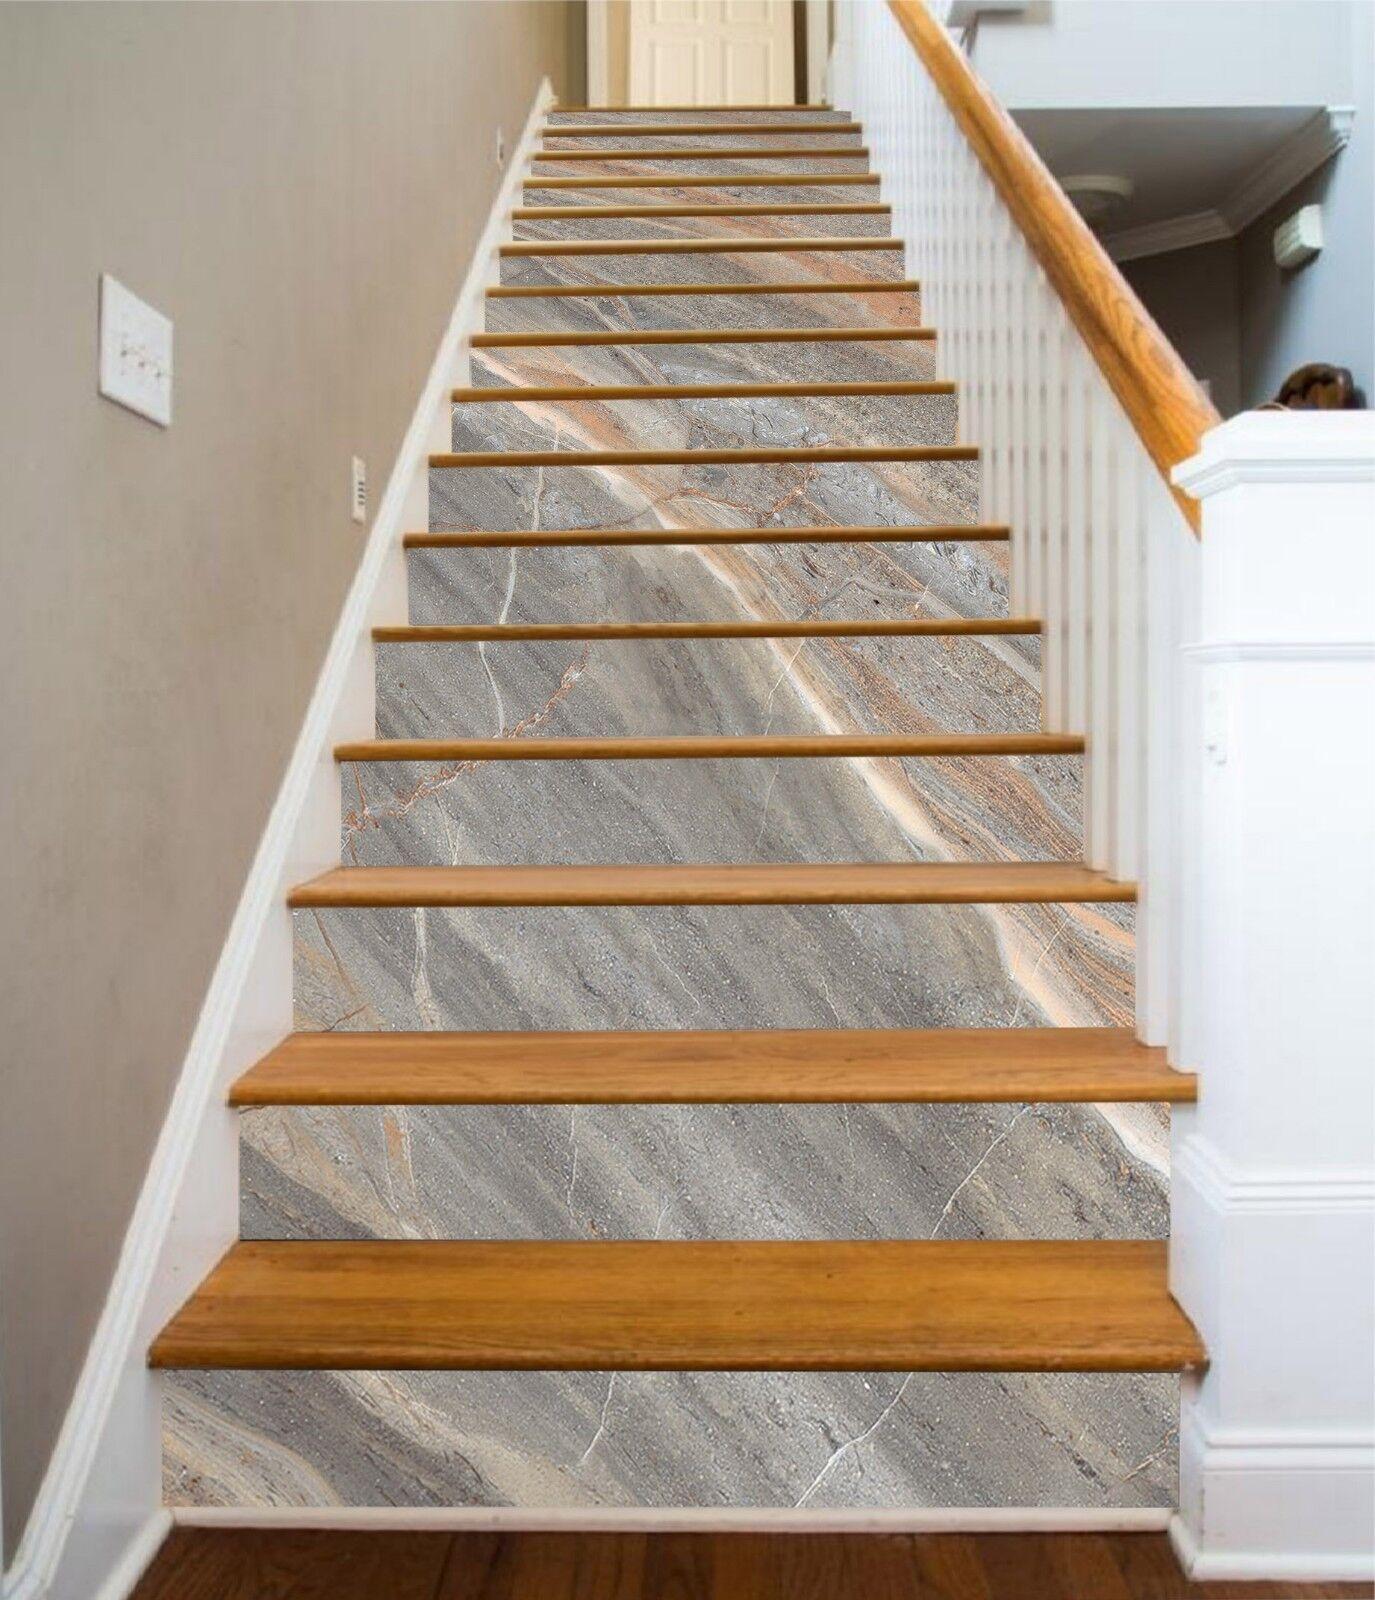 3D Marmor Linie 74 Fliese Marmor Stair Risers Fototapete Vinyl Aufkleber Tapete